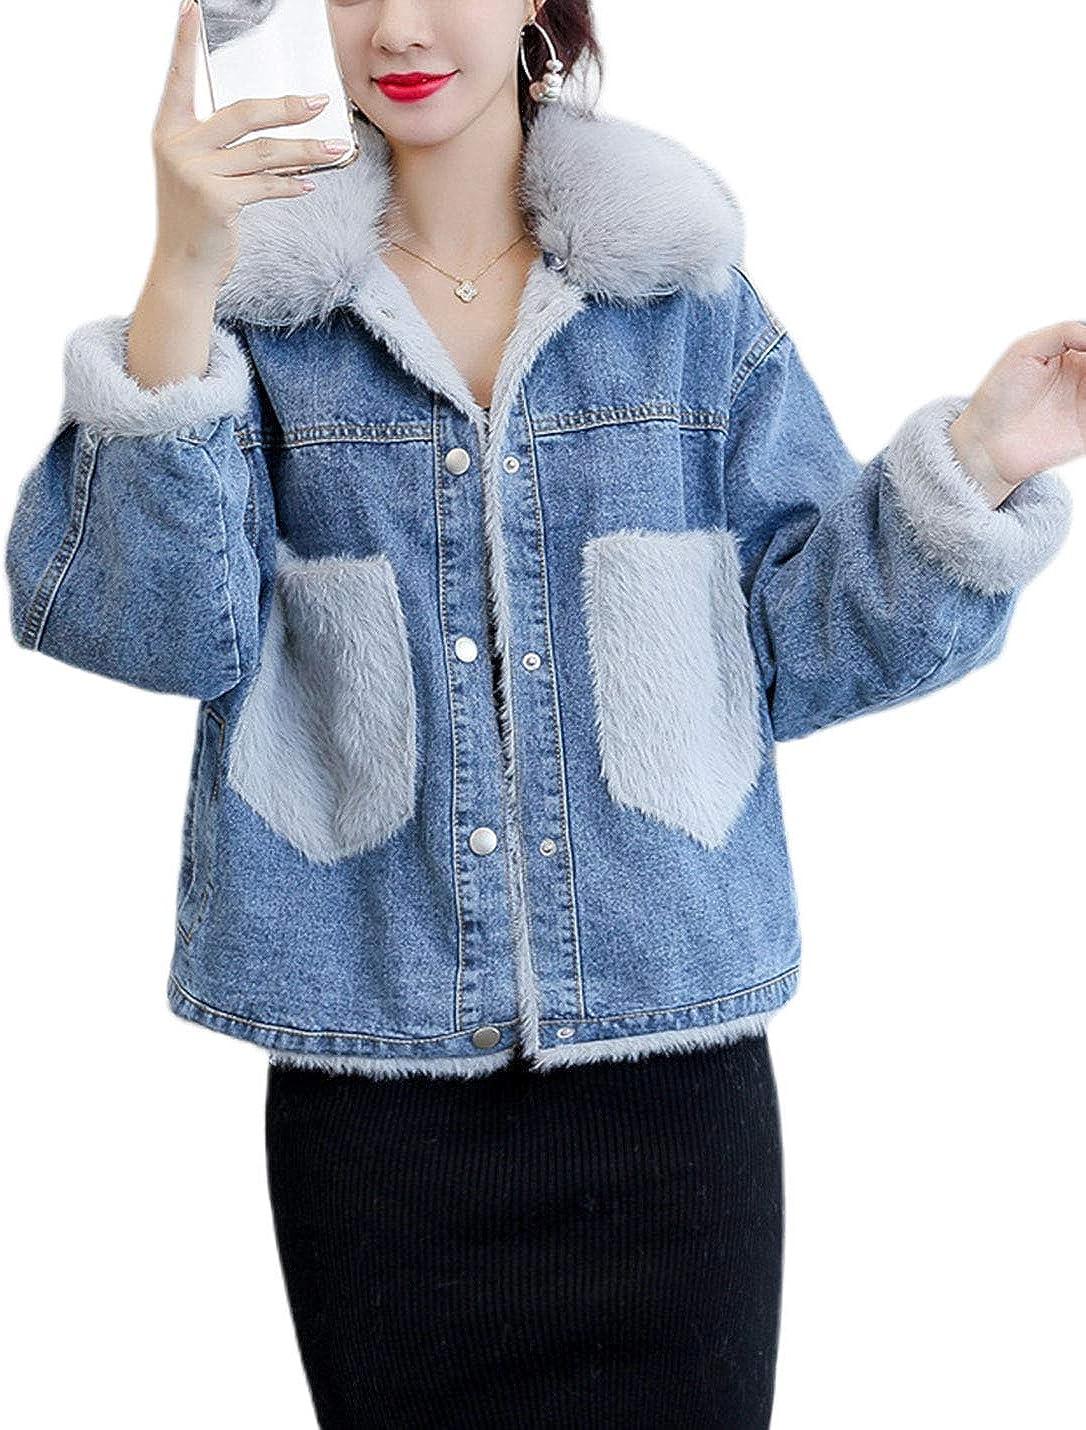 Yeokou Womens Casual Short Fleece Lined Faux Fur Trim Outerwear Denim Jean Jackets